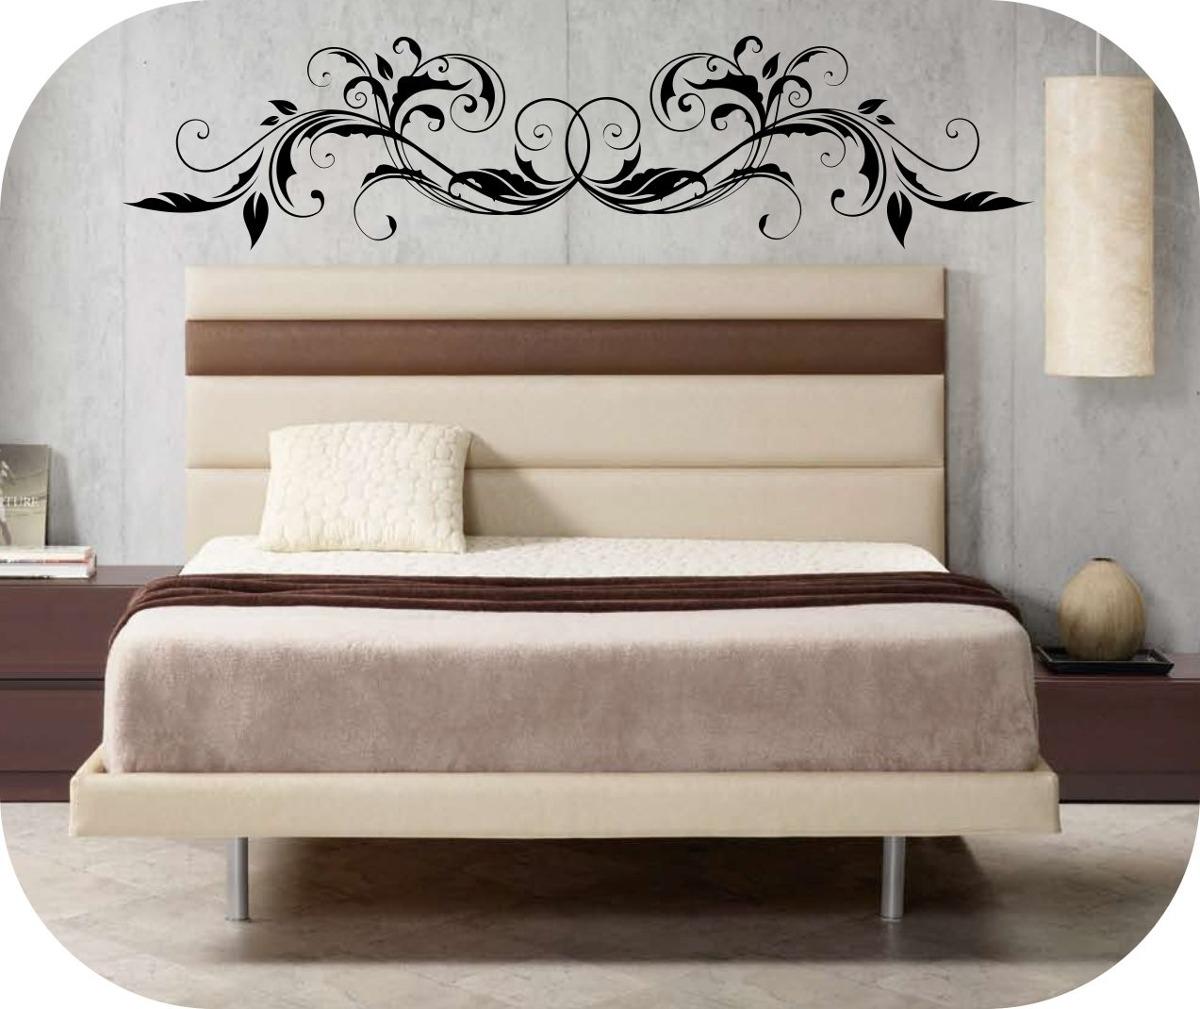 Vinilos decorativos cabeceros de camas decora tu pared - Vinilos cabeceros de cama ...